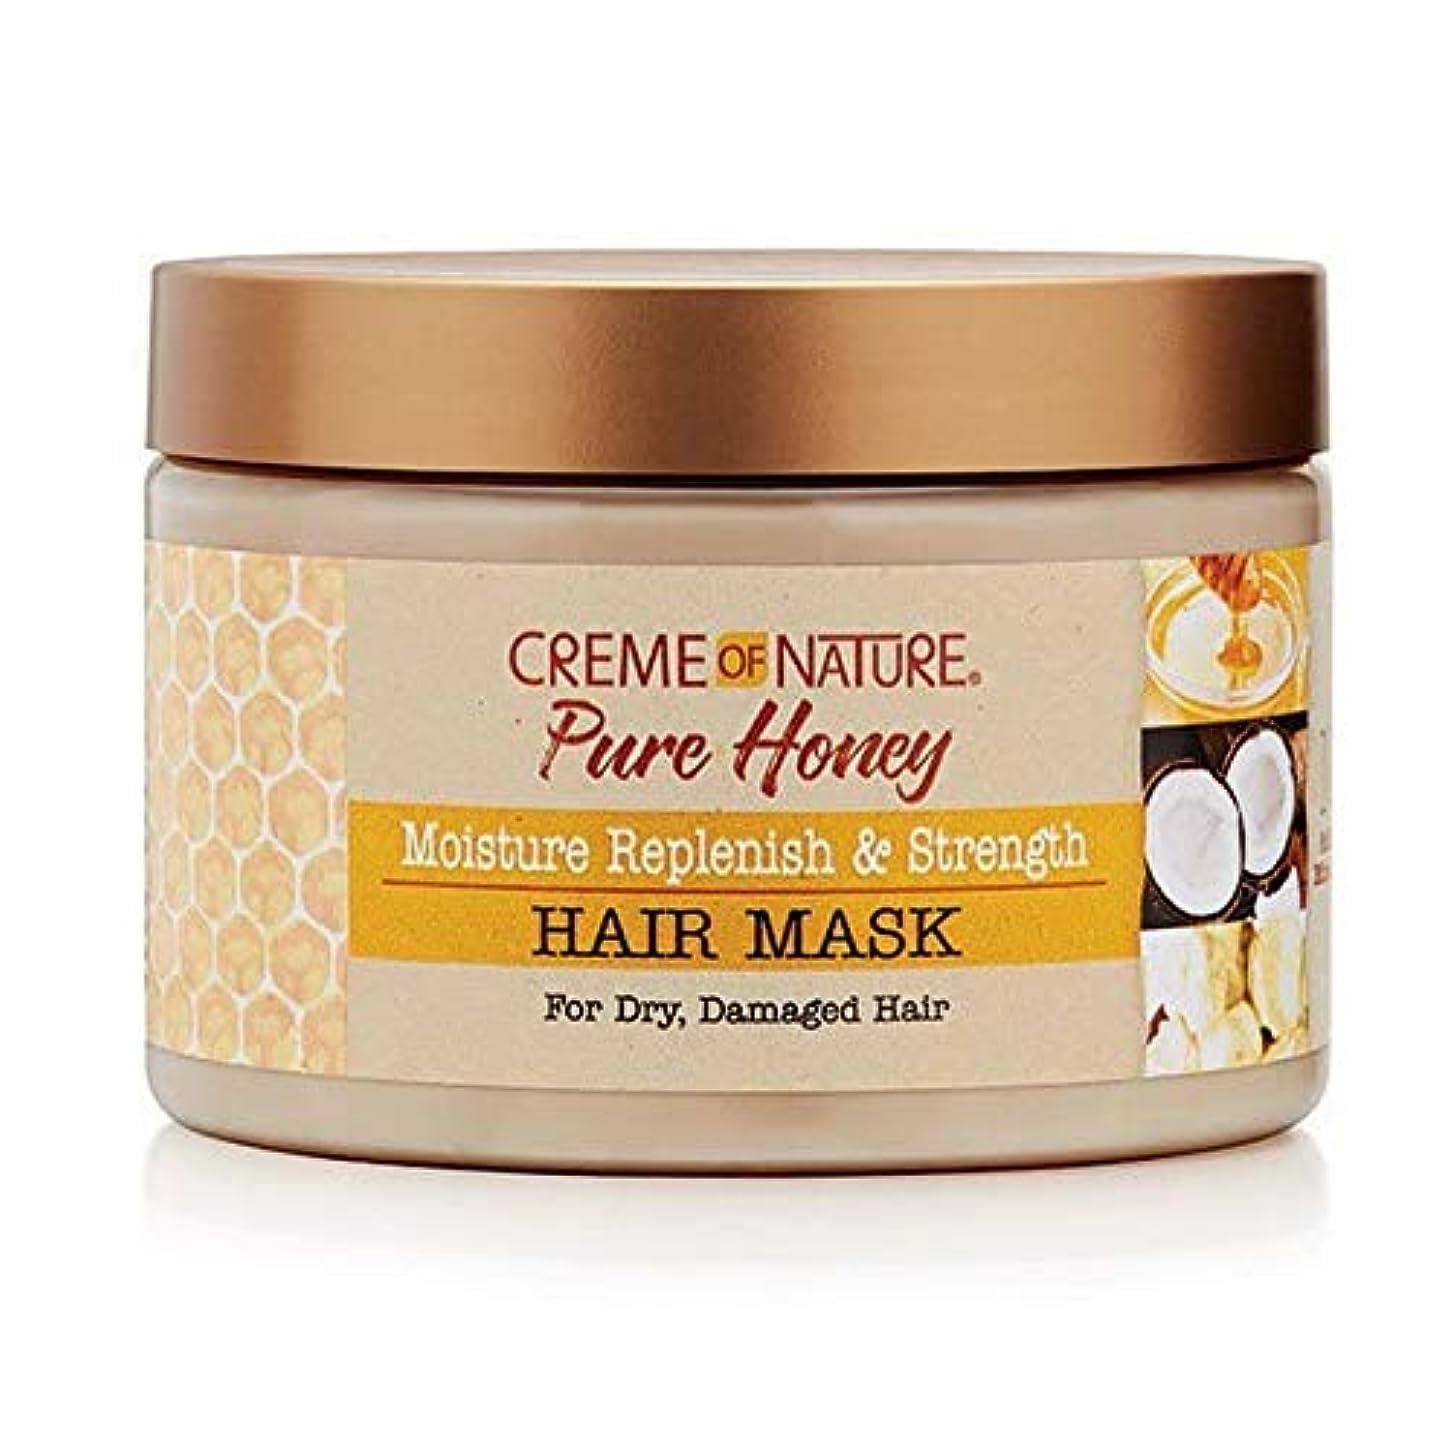 アミューズパラシュート乱す[Creme of Nature ] 自然の純粋な蜂蜜のクリーム補充&ヘアマスクを強化 - Creme of Nature Pure Honey Replenish & Strengthen Hair Mask [並行輸入品]